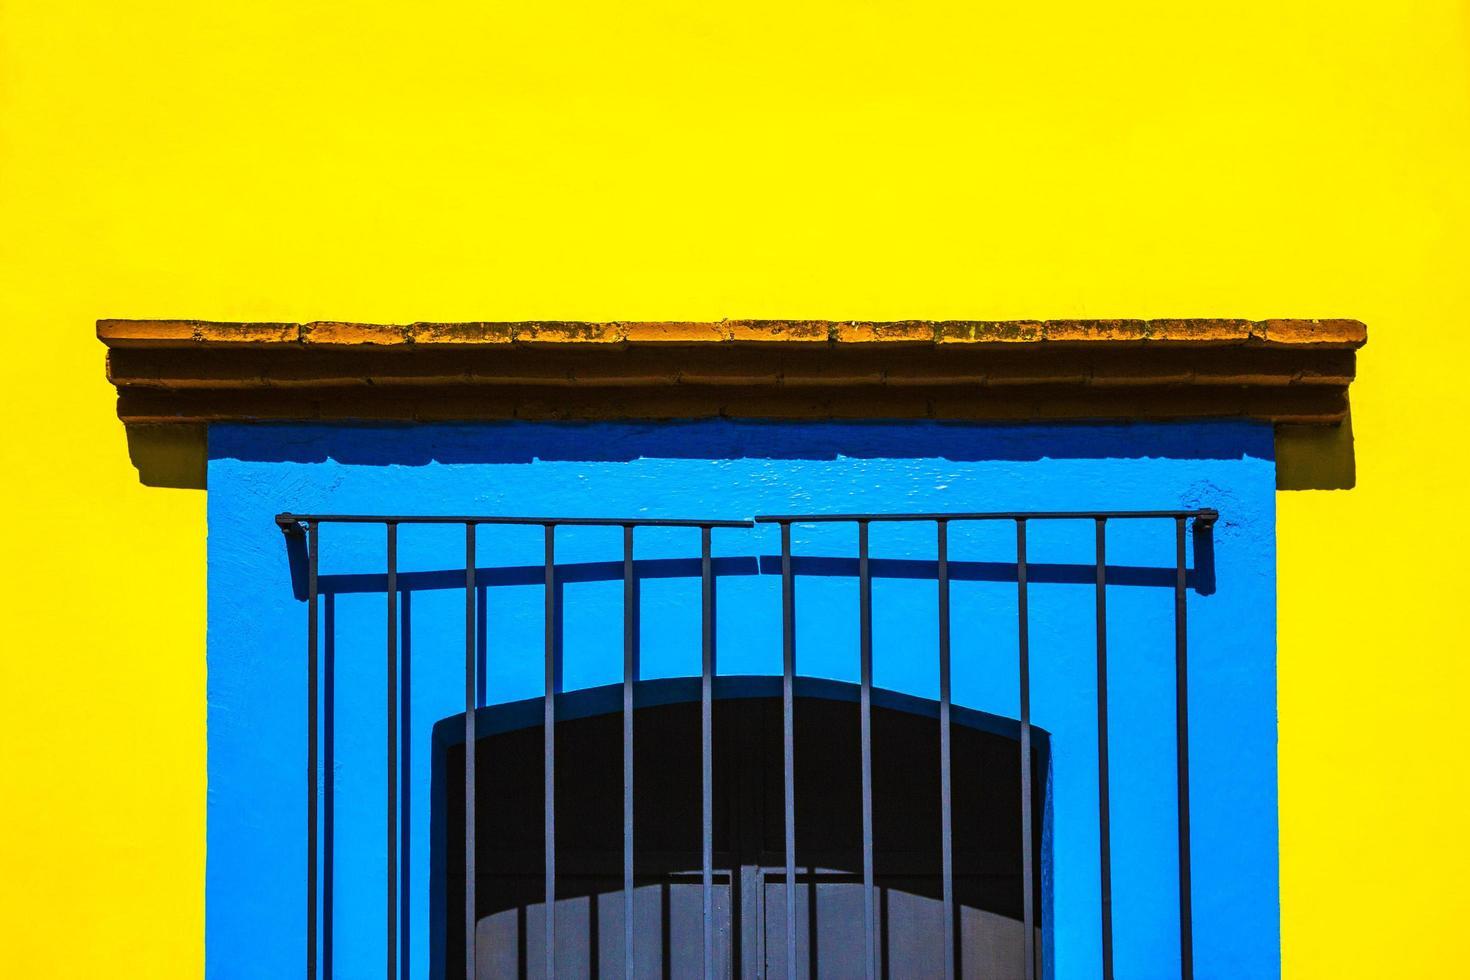 Ventana enjaulada azul en la pared amarilla foto